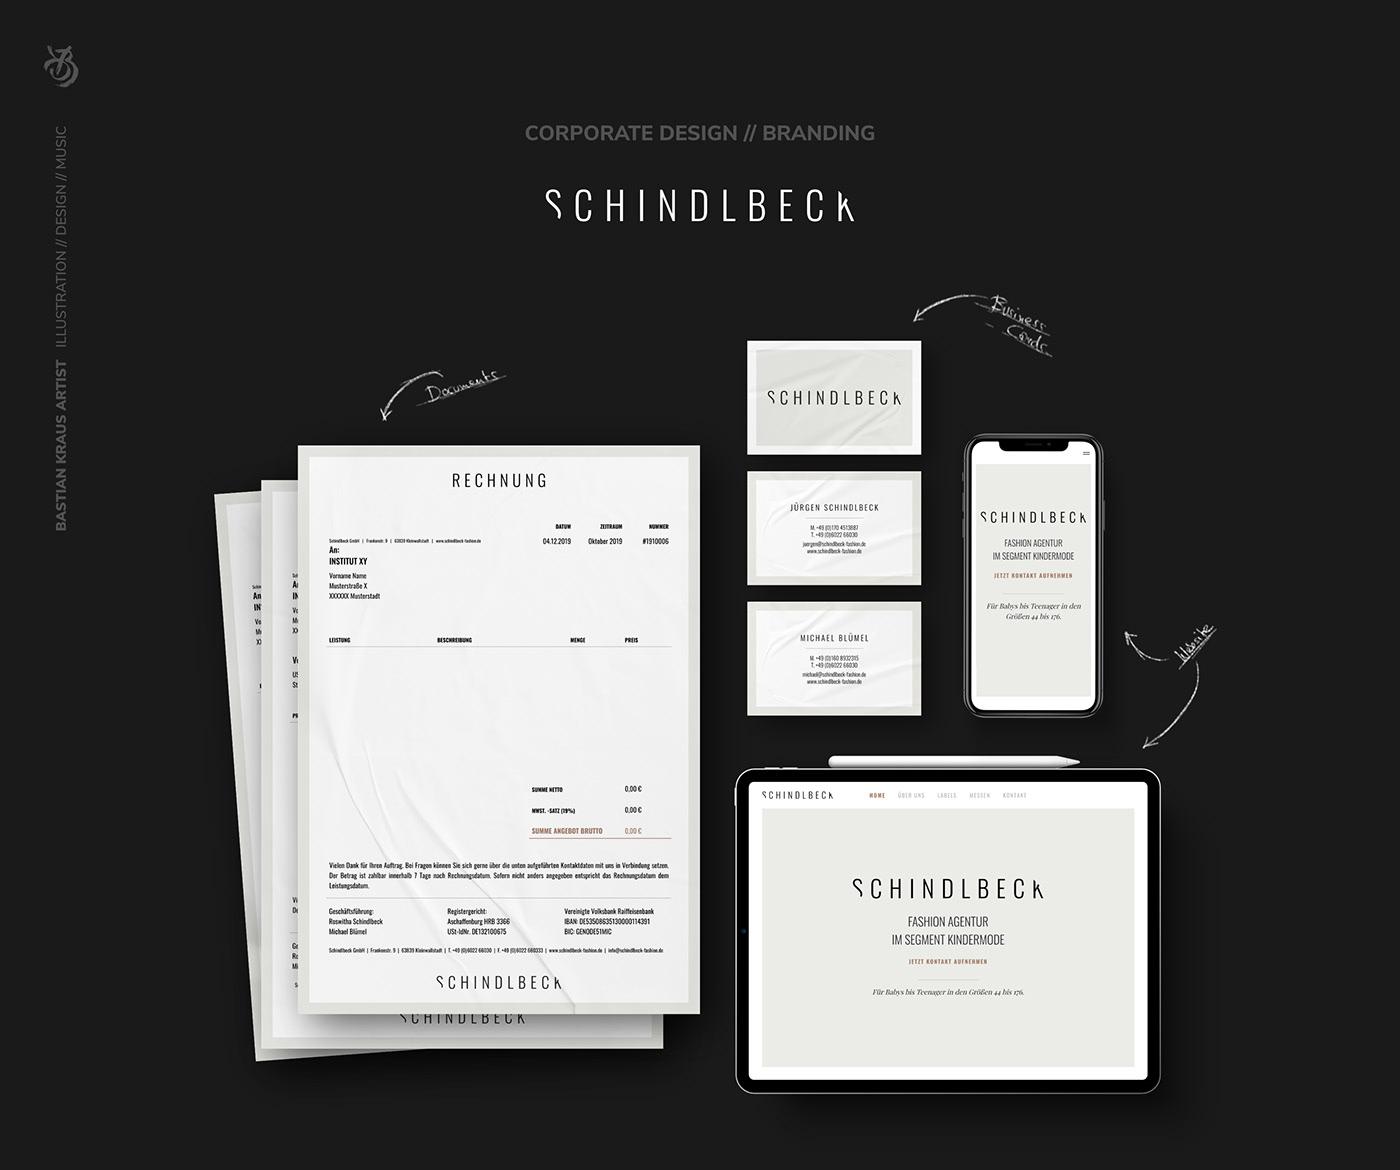 SCHINDLBECK FASHION // Overview